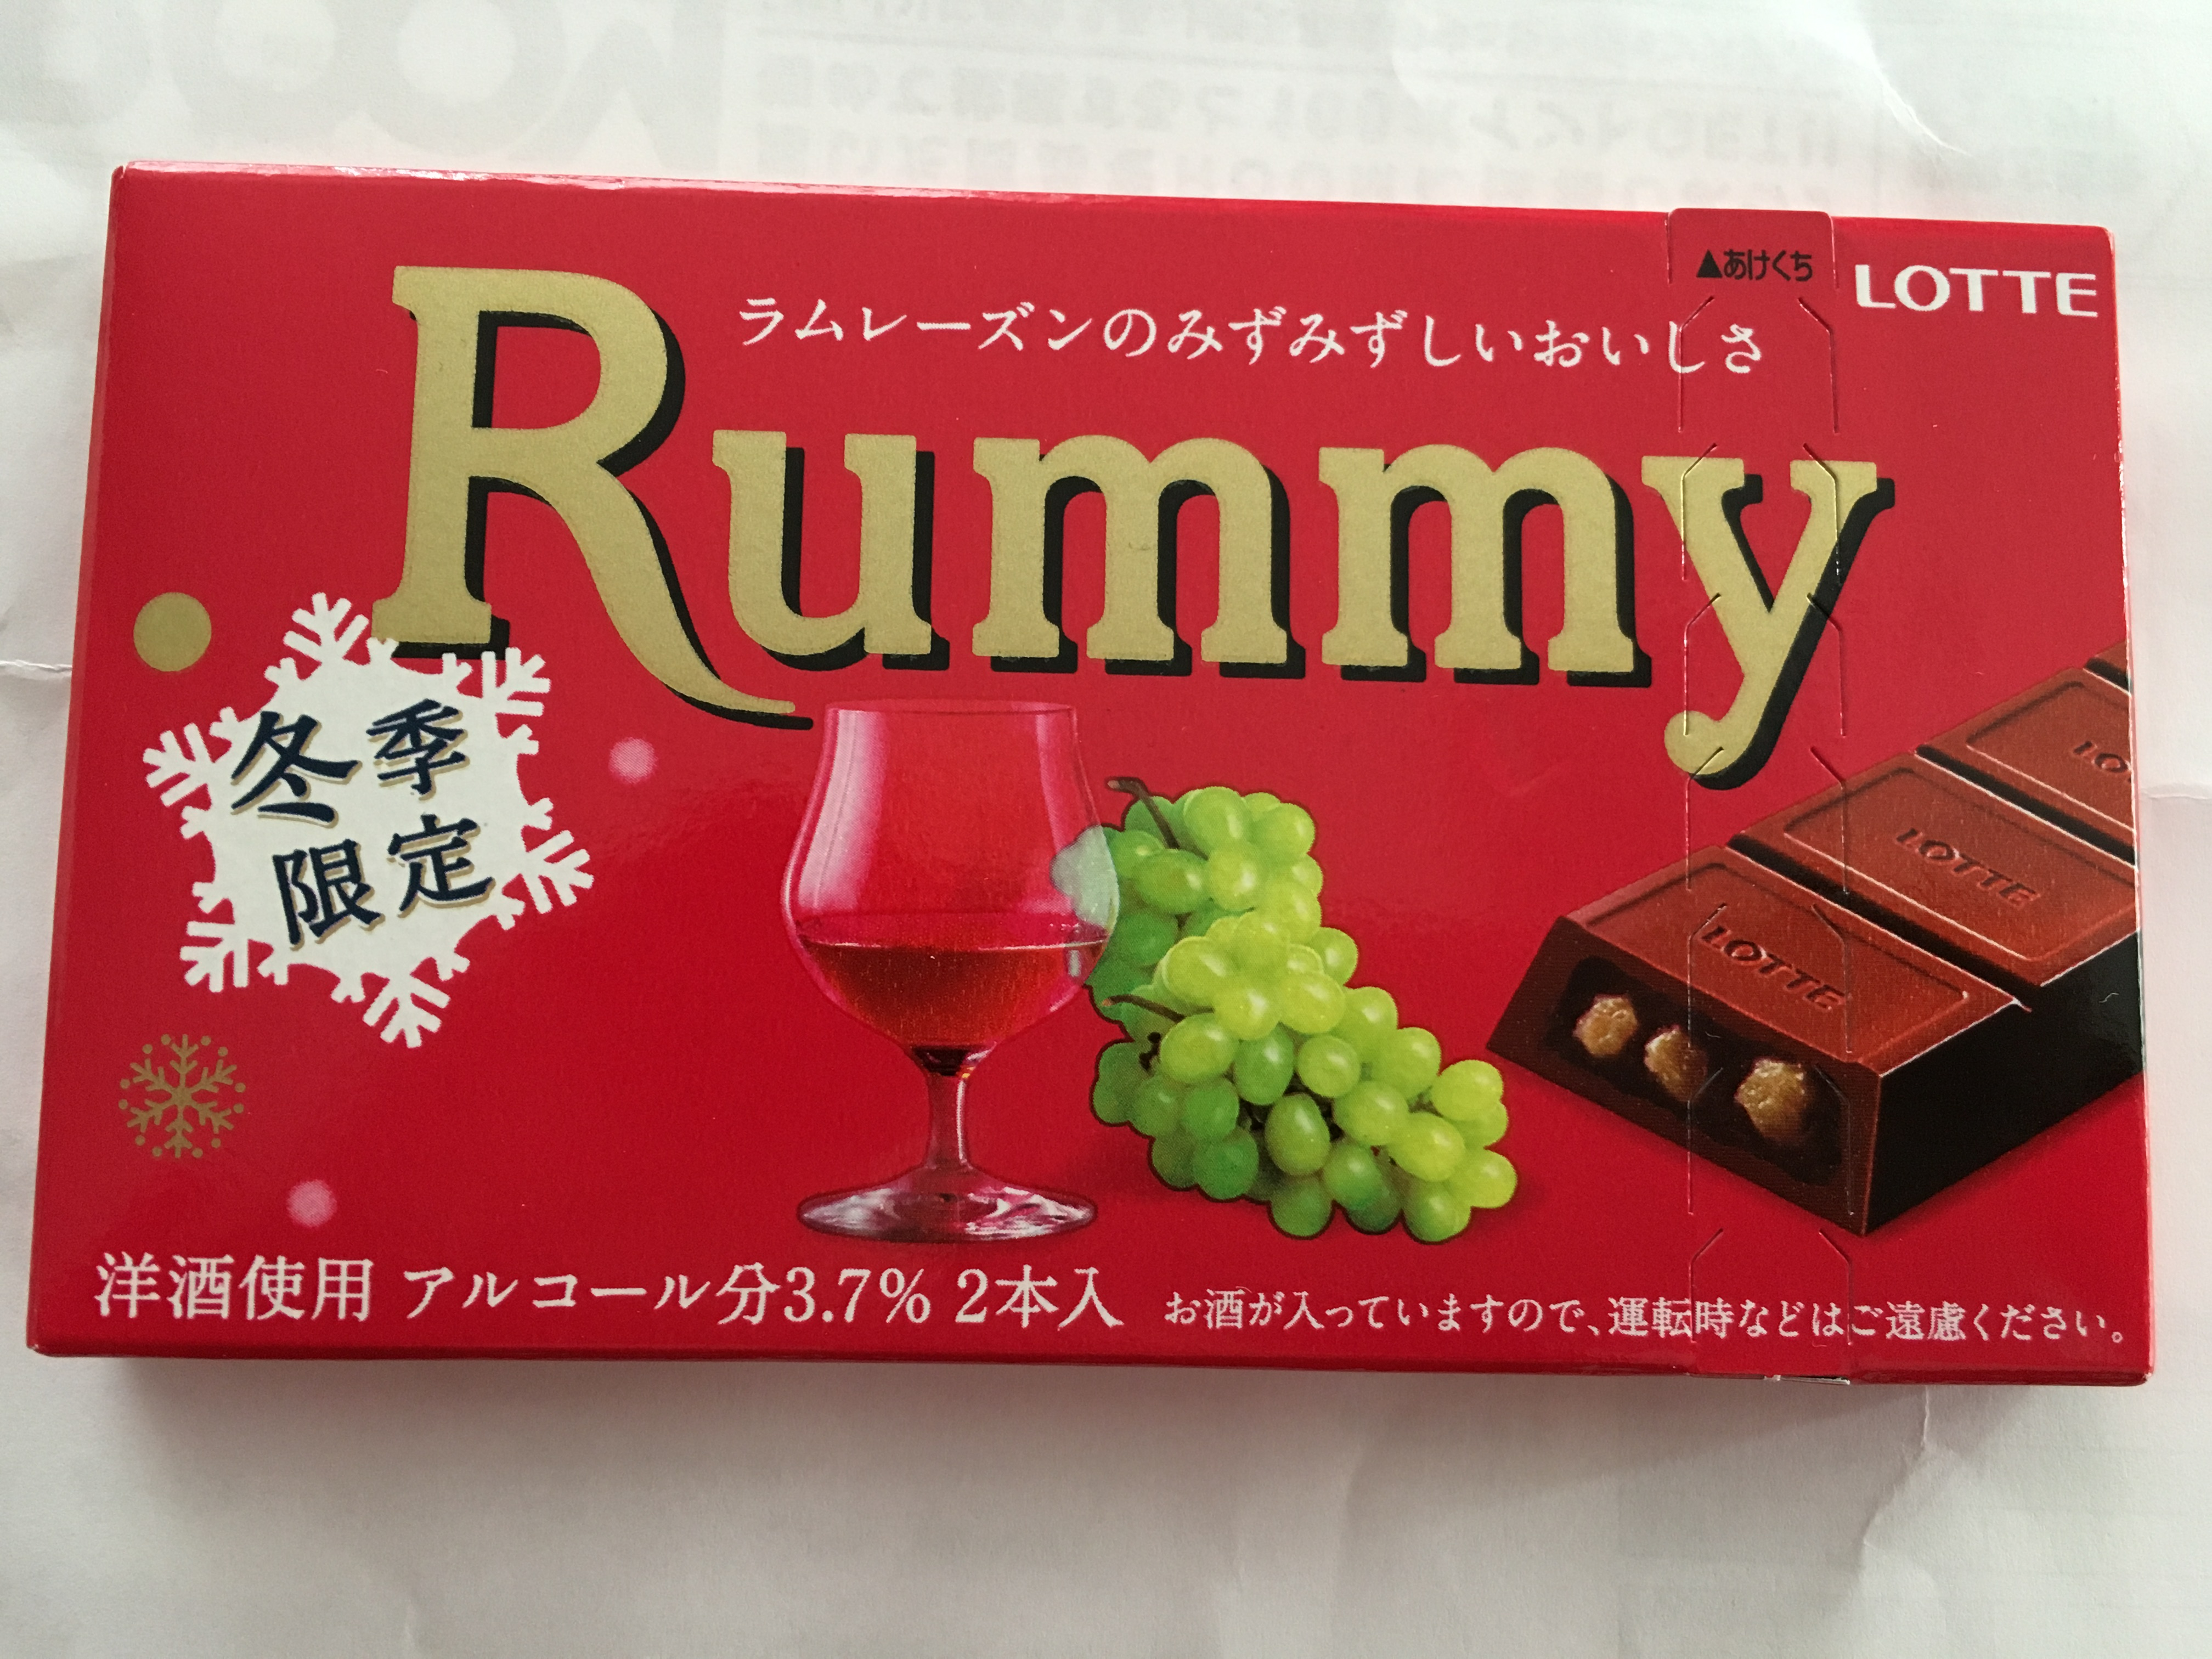 【冬季限定】ロッテのラミーを試食!バッカスとは一味違うお味は?